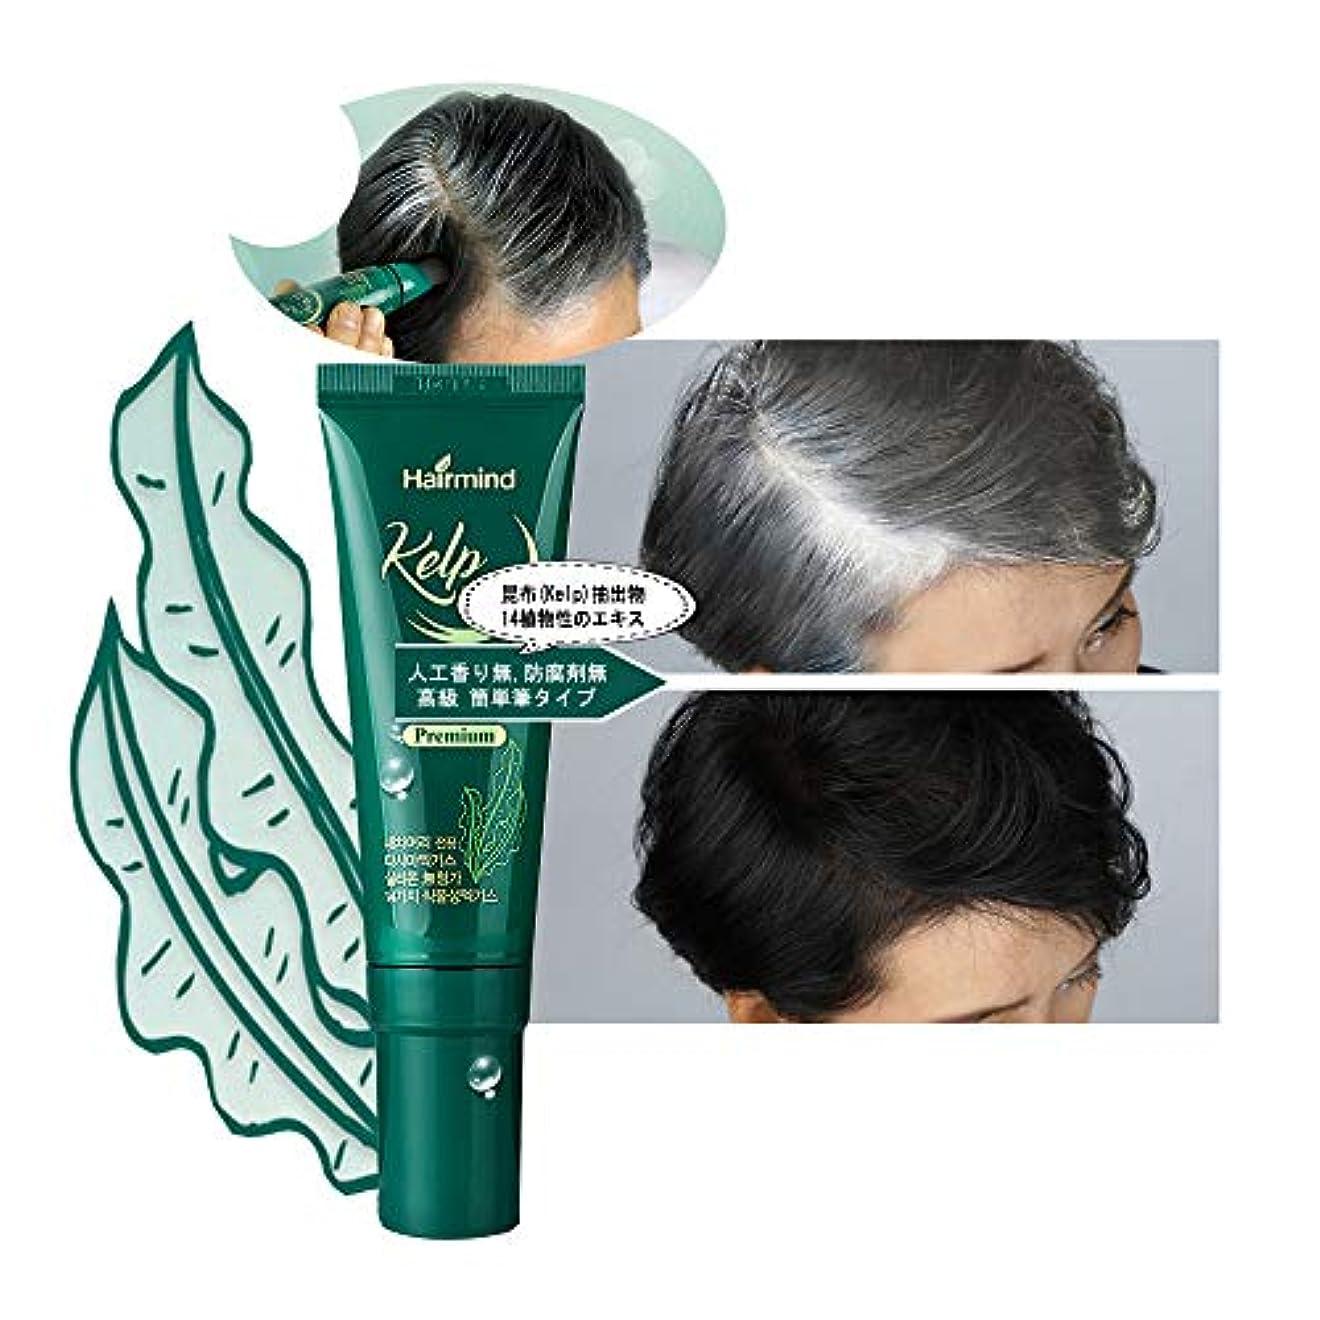 イブニング学士調整する高級 部分毛染 グレーヘアカバー 頭皮健康昆布抽出物 毛染め 40ml 筆タイプ 並行輸入 (Dark Brown)